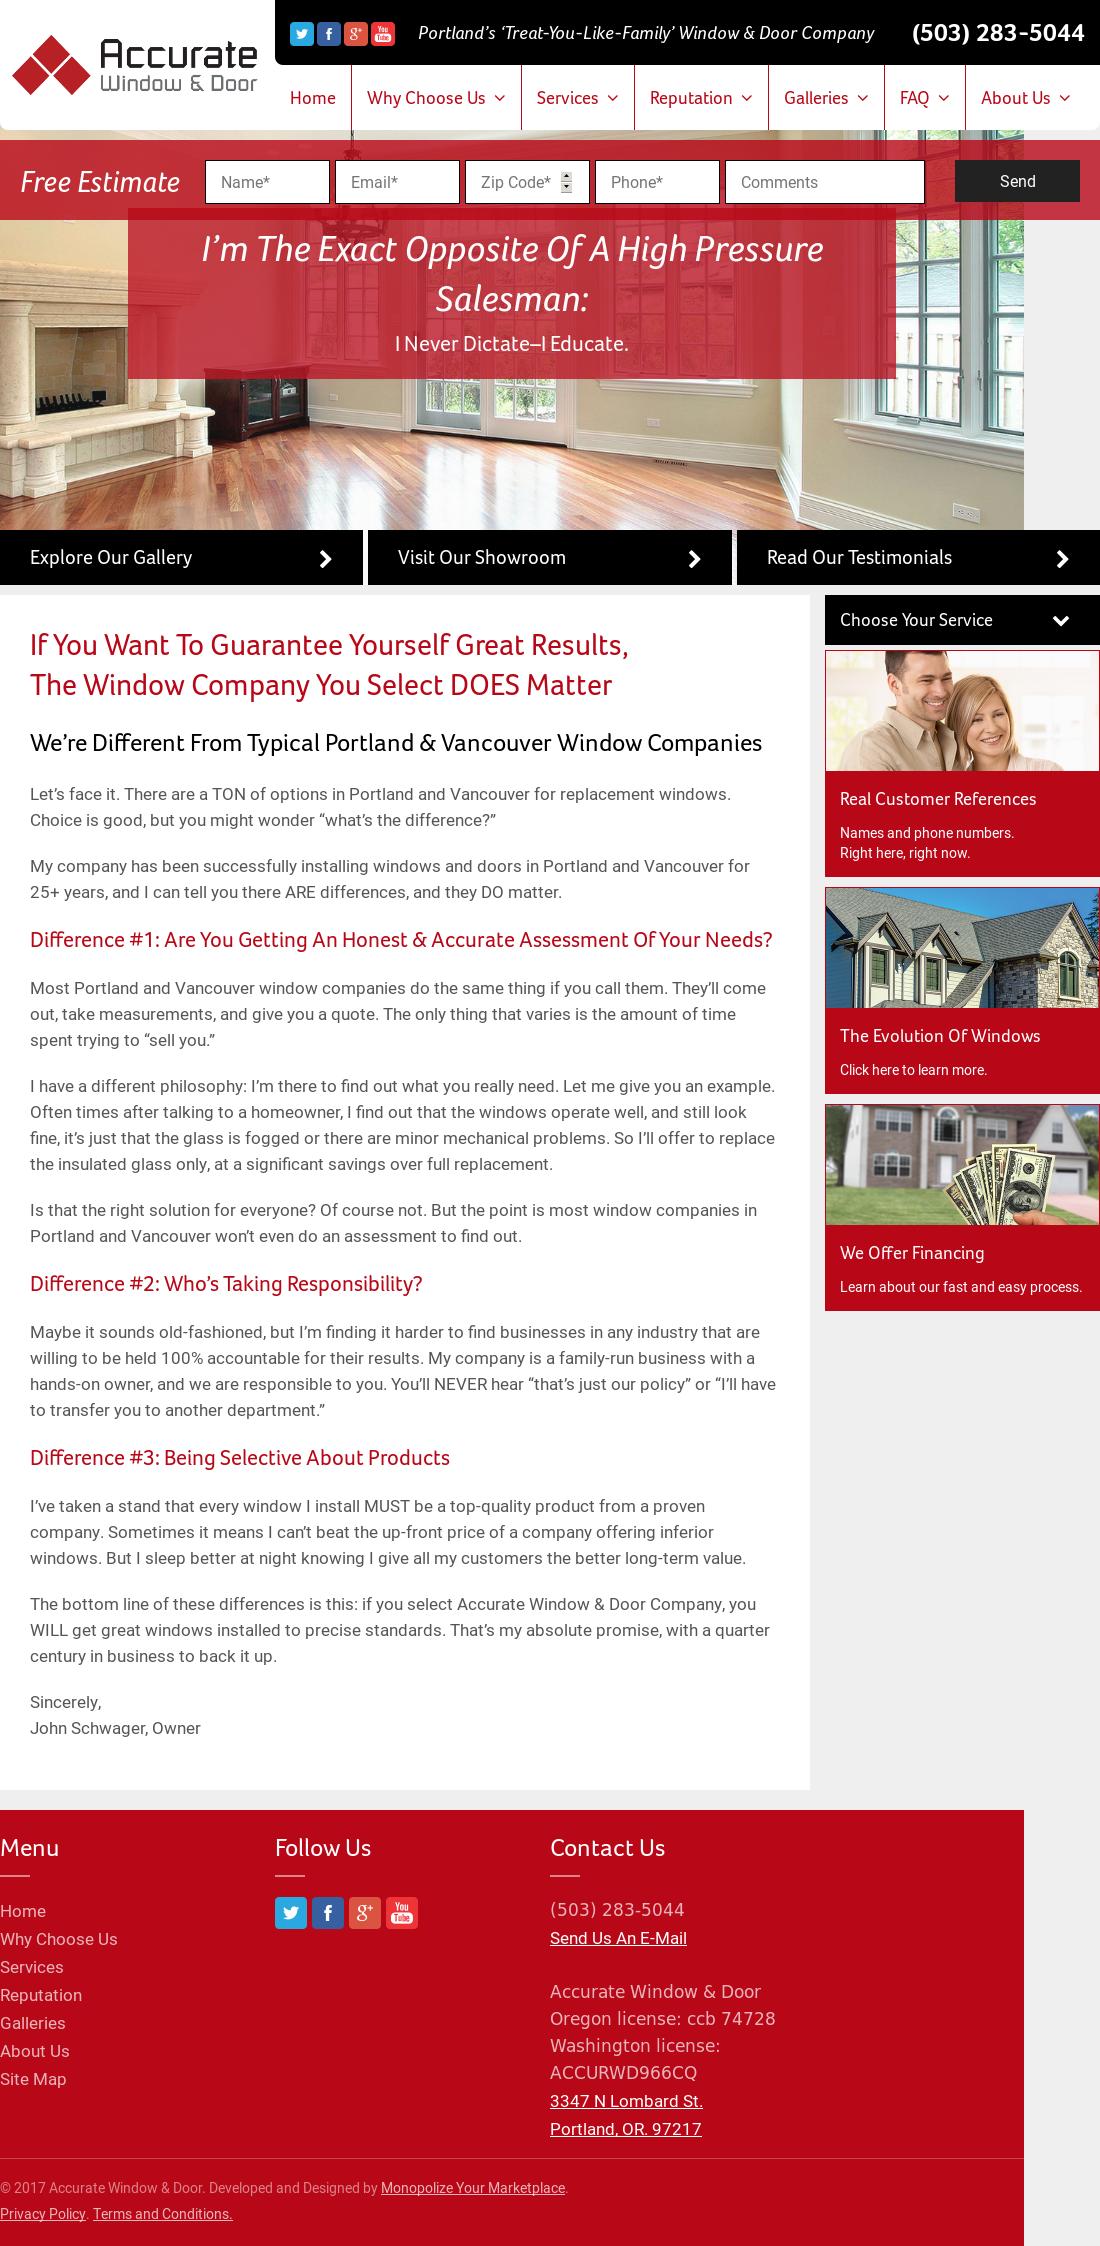 Accurate Window And Door Website History